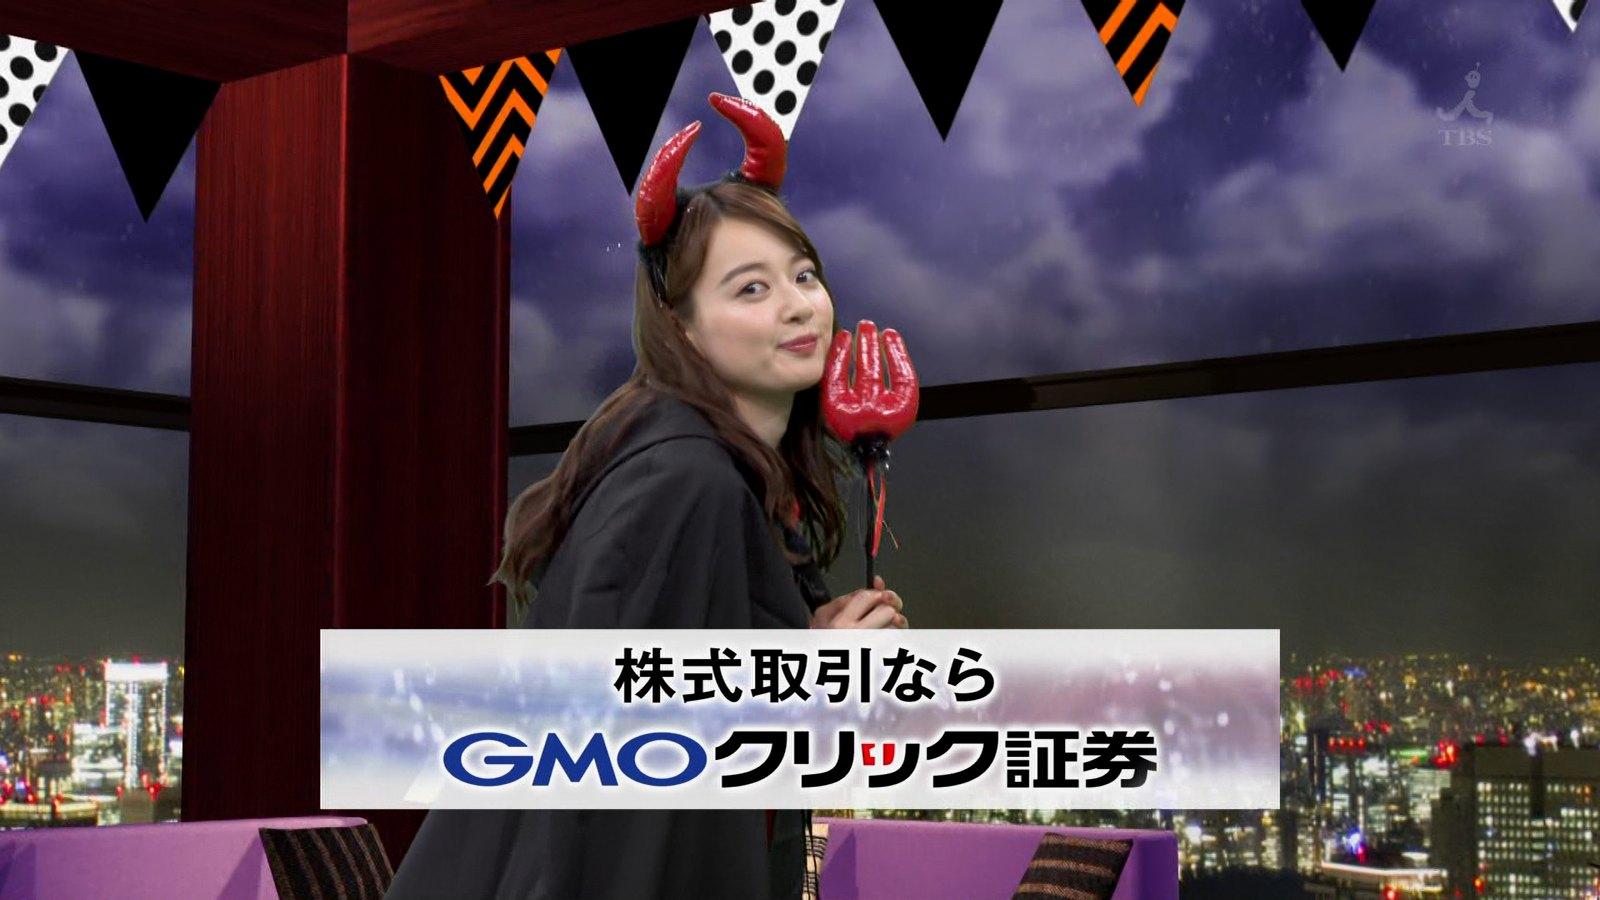 2019年10月8日に放送された「ビジネスクリック」に出演した中城あすかさんのテレビキャプチャー画像-077